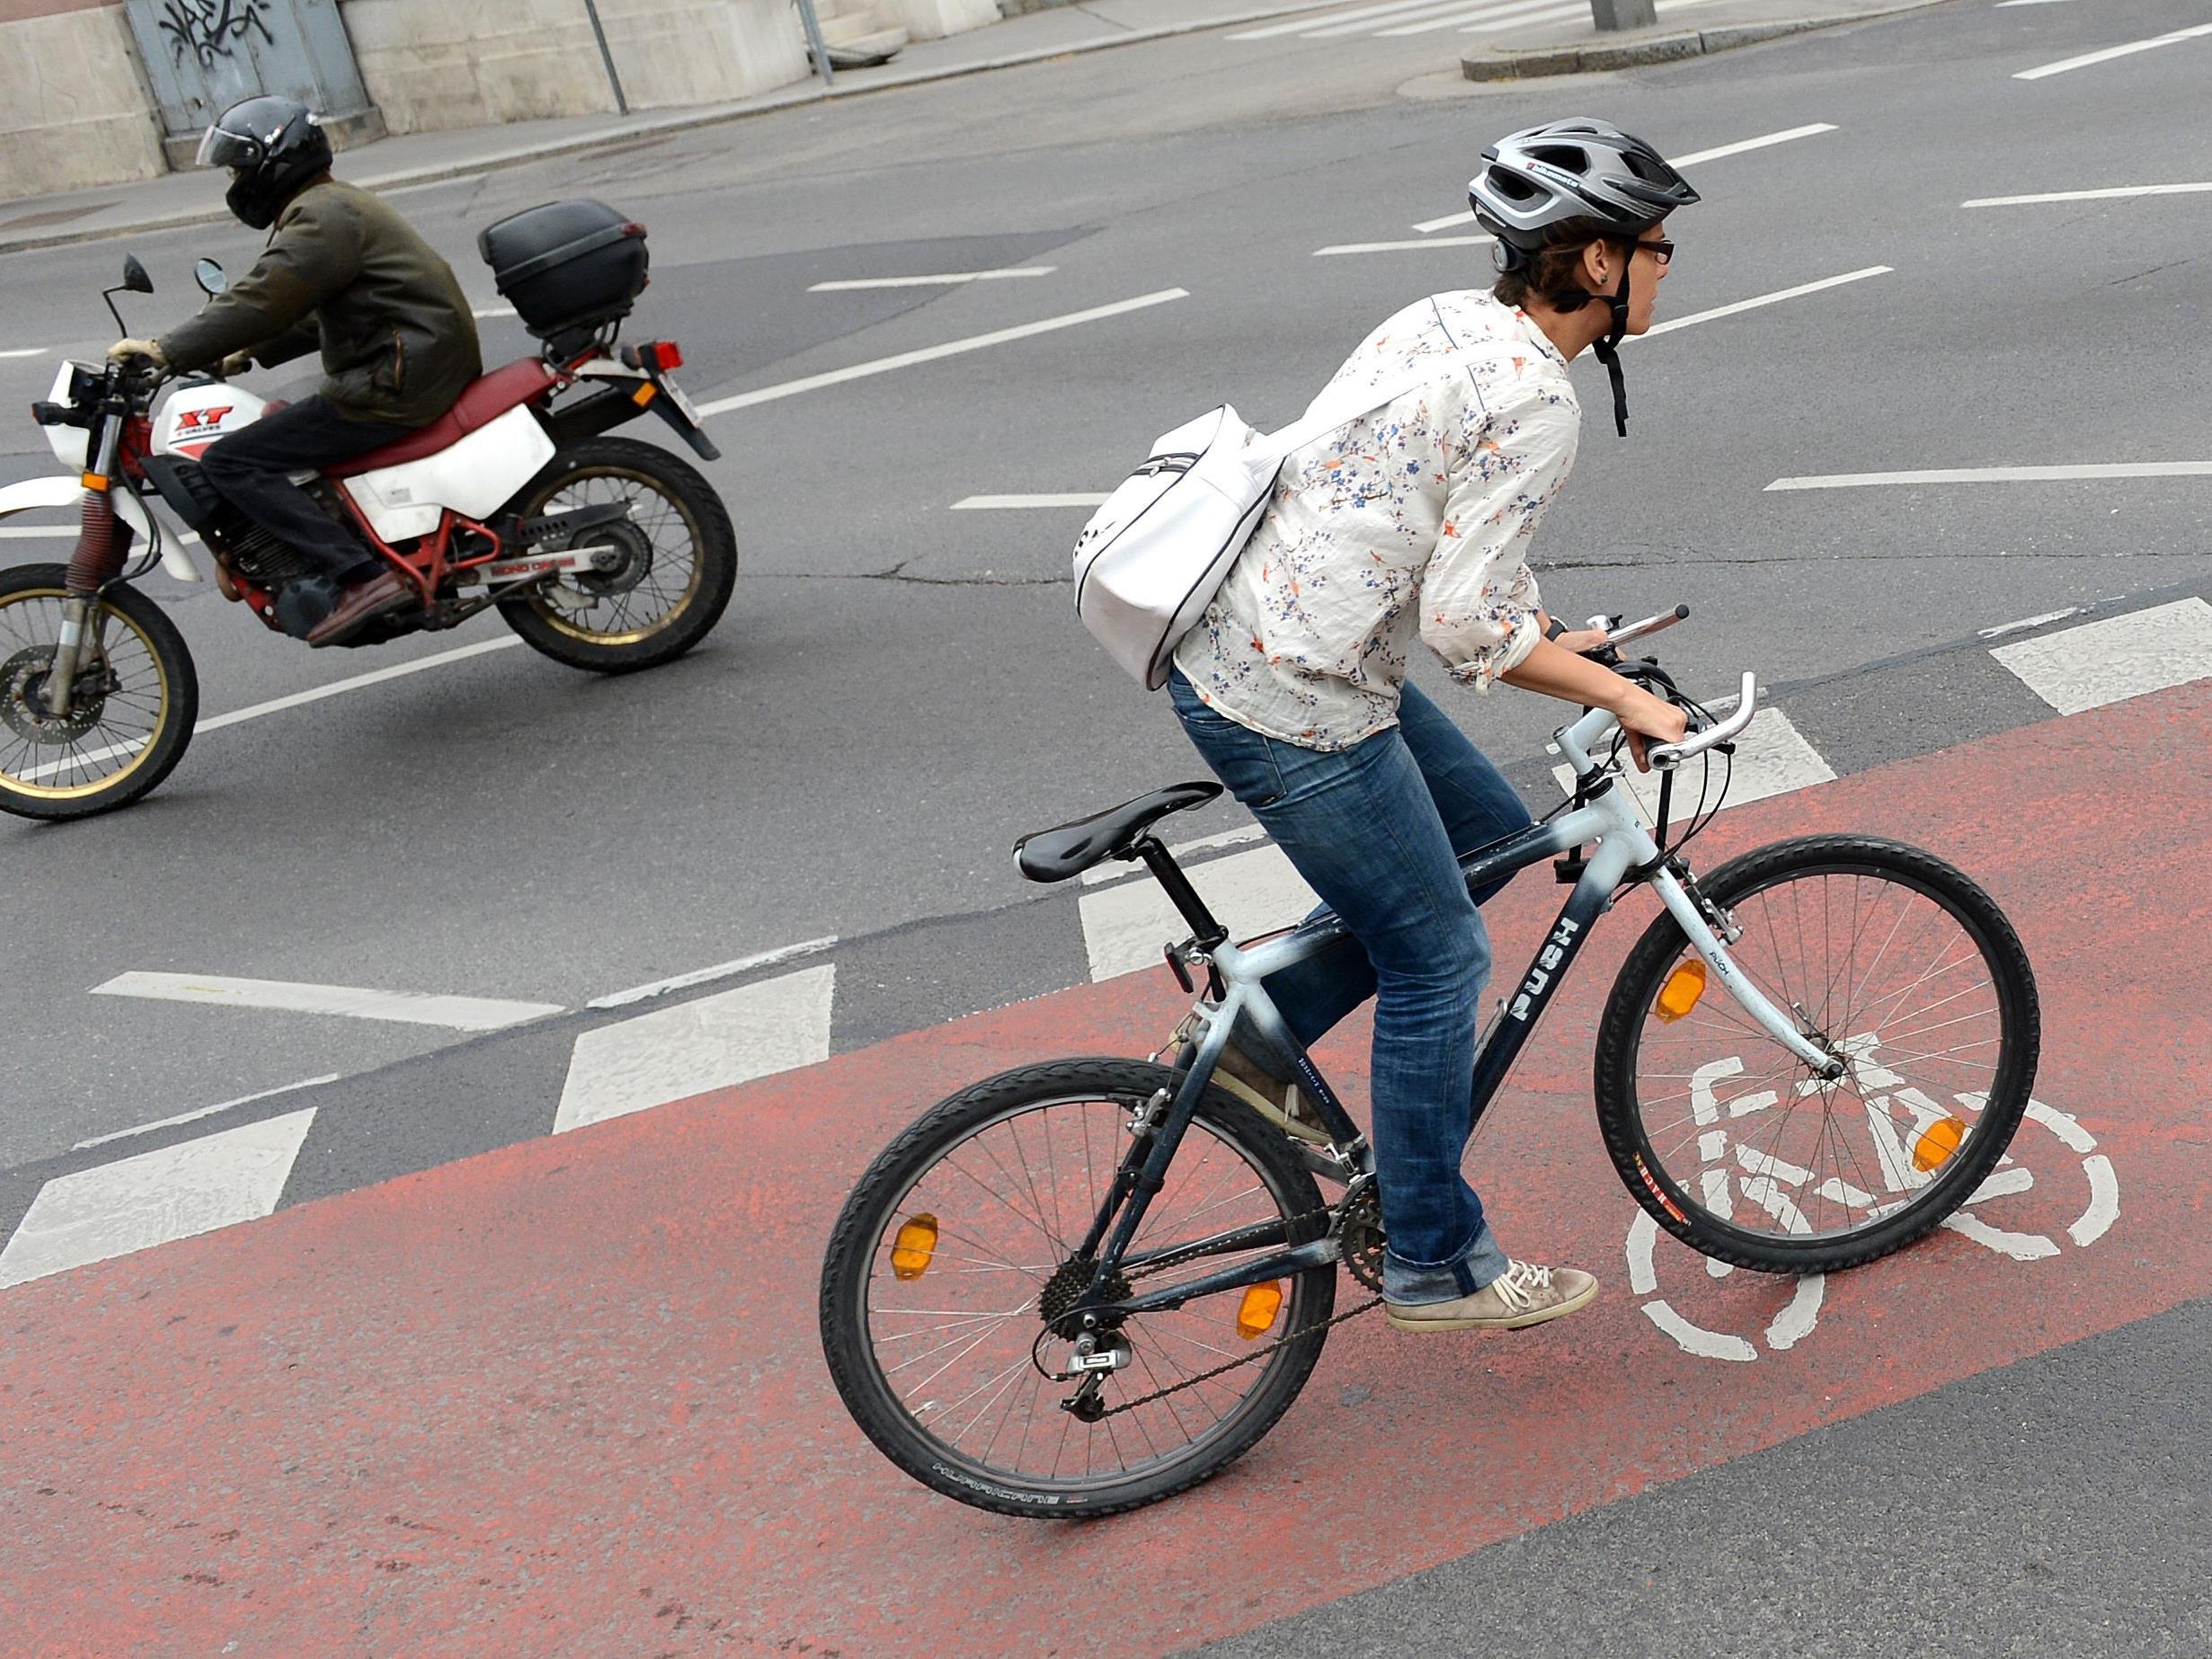 Wien investiert weiter in den Ausbau des Rad- und Fußwegnetzes.